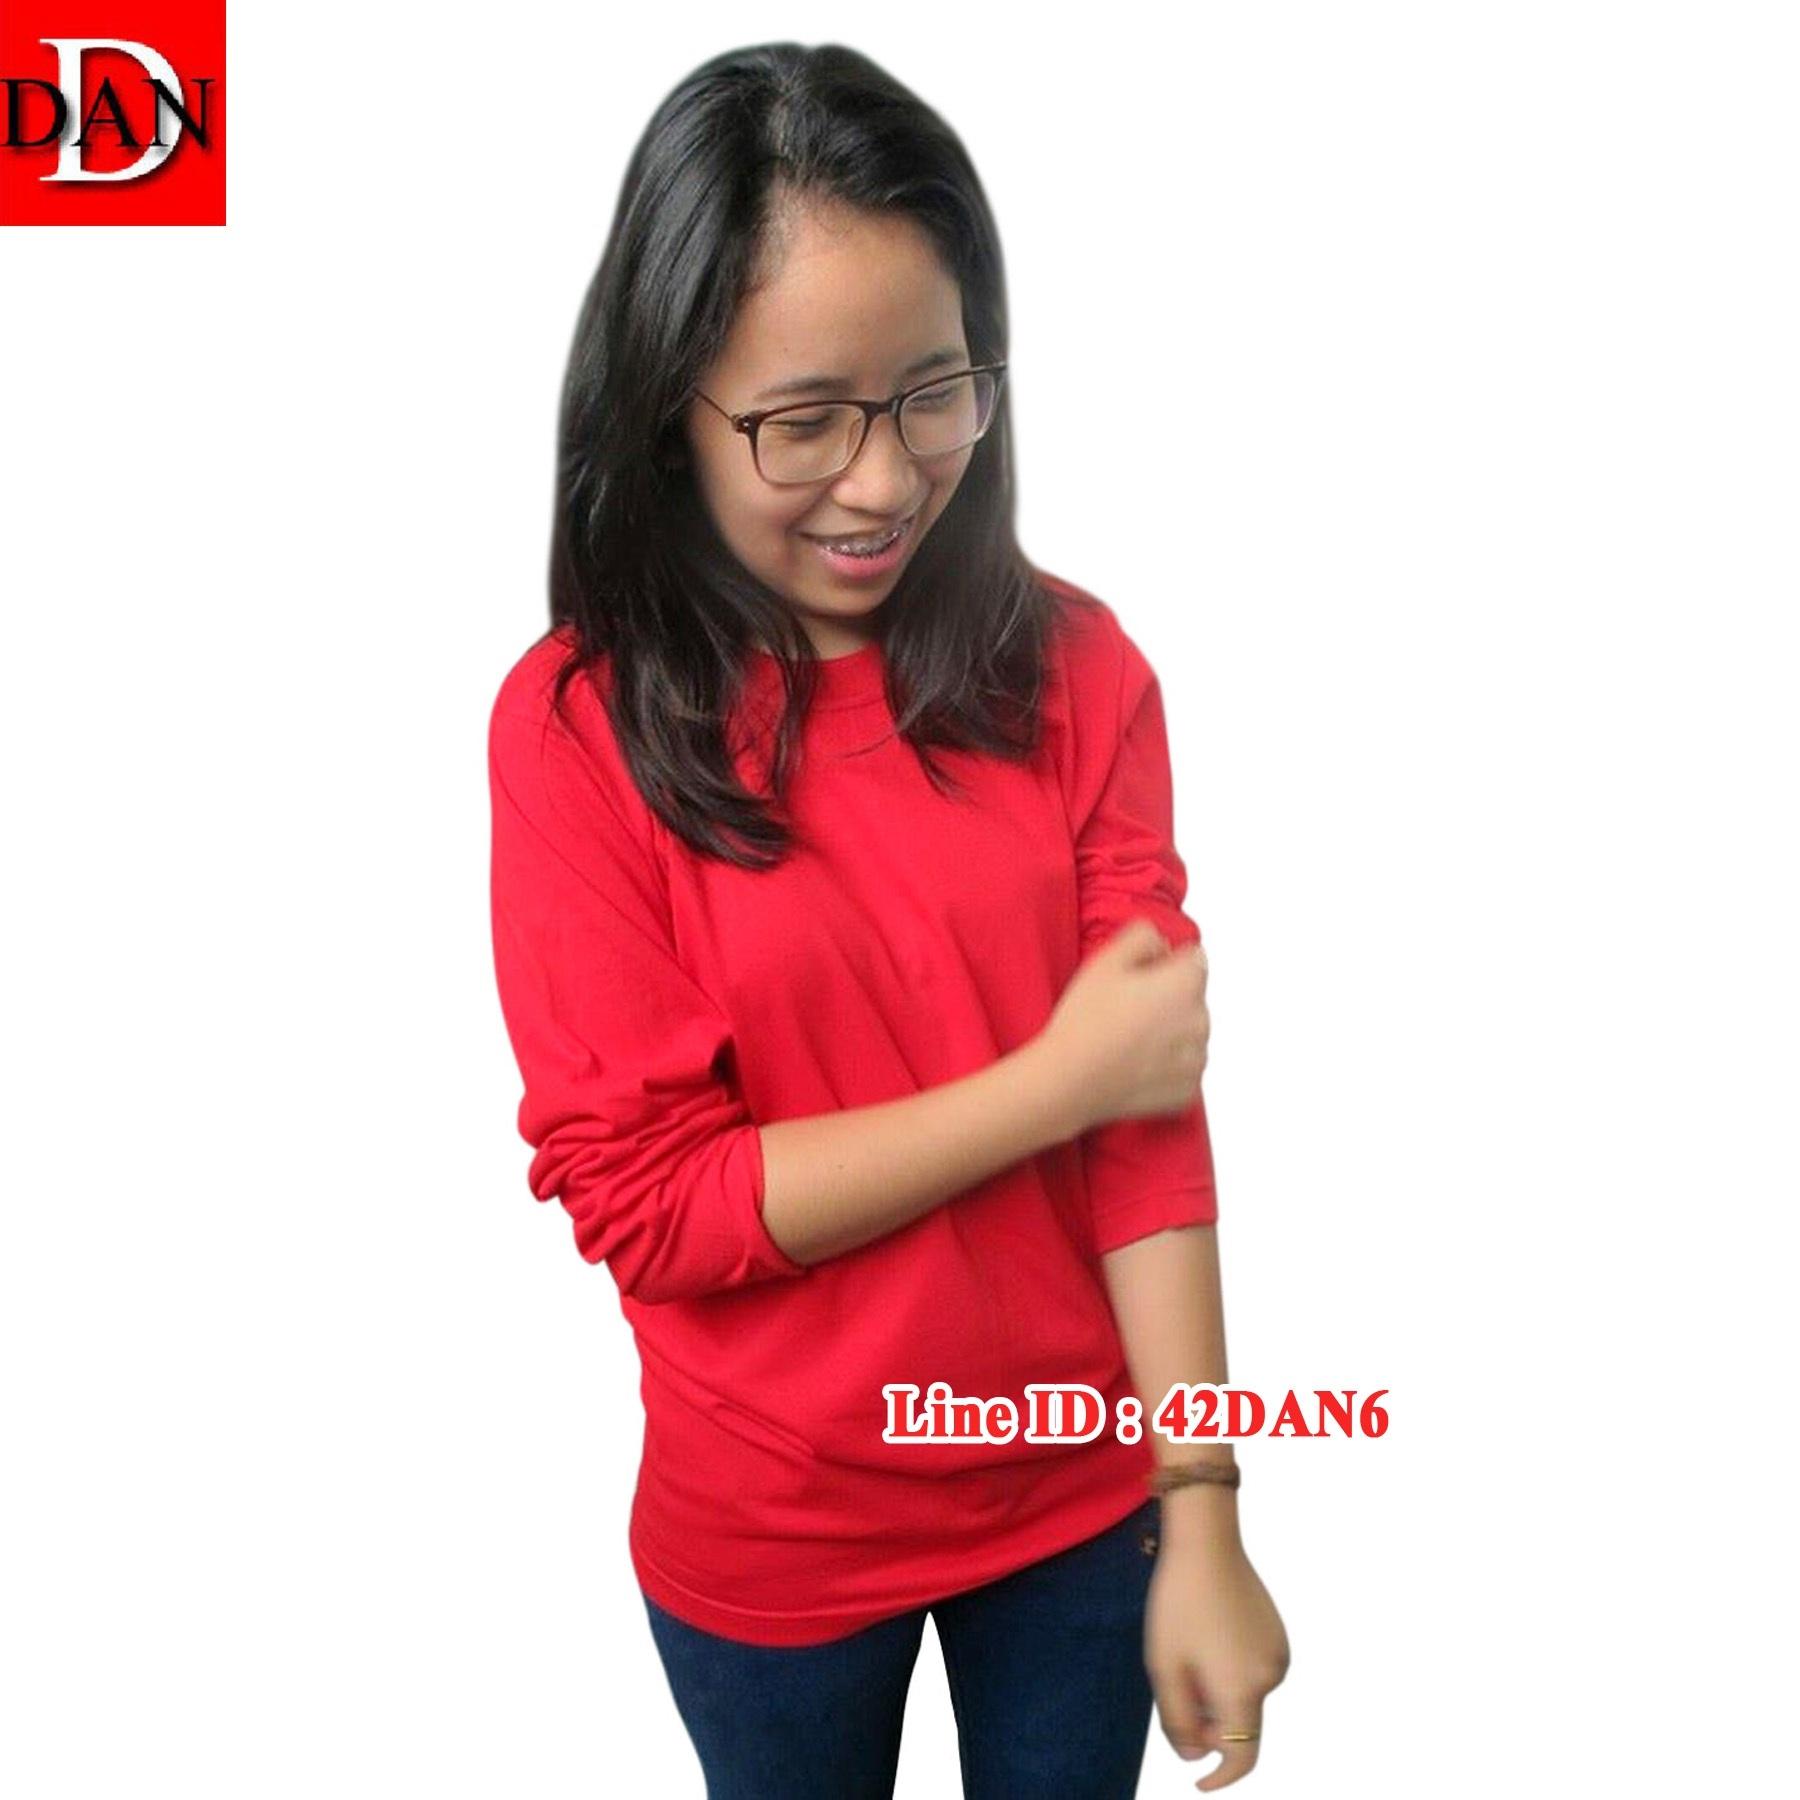 เสื้อแขนยาว คอลกม สีแดง